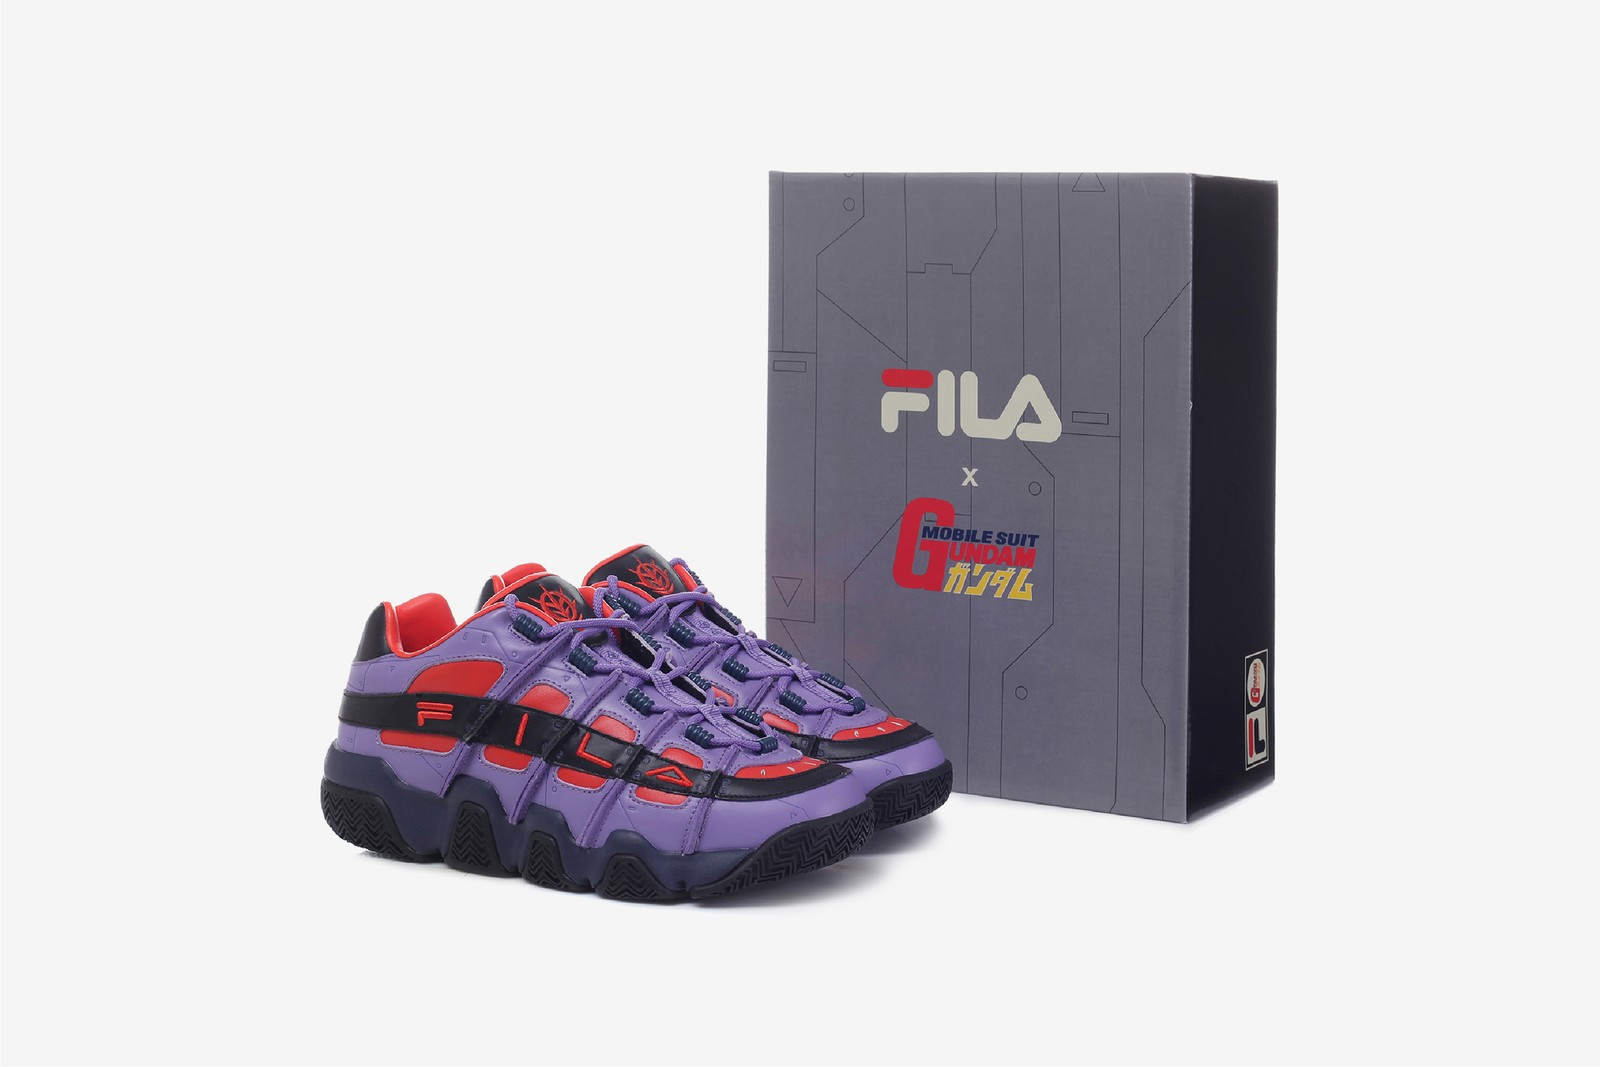 FILA x Mobile Suit Gundam Capsule Collection Apparel Anime Footwear